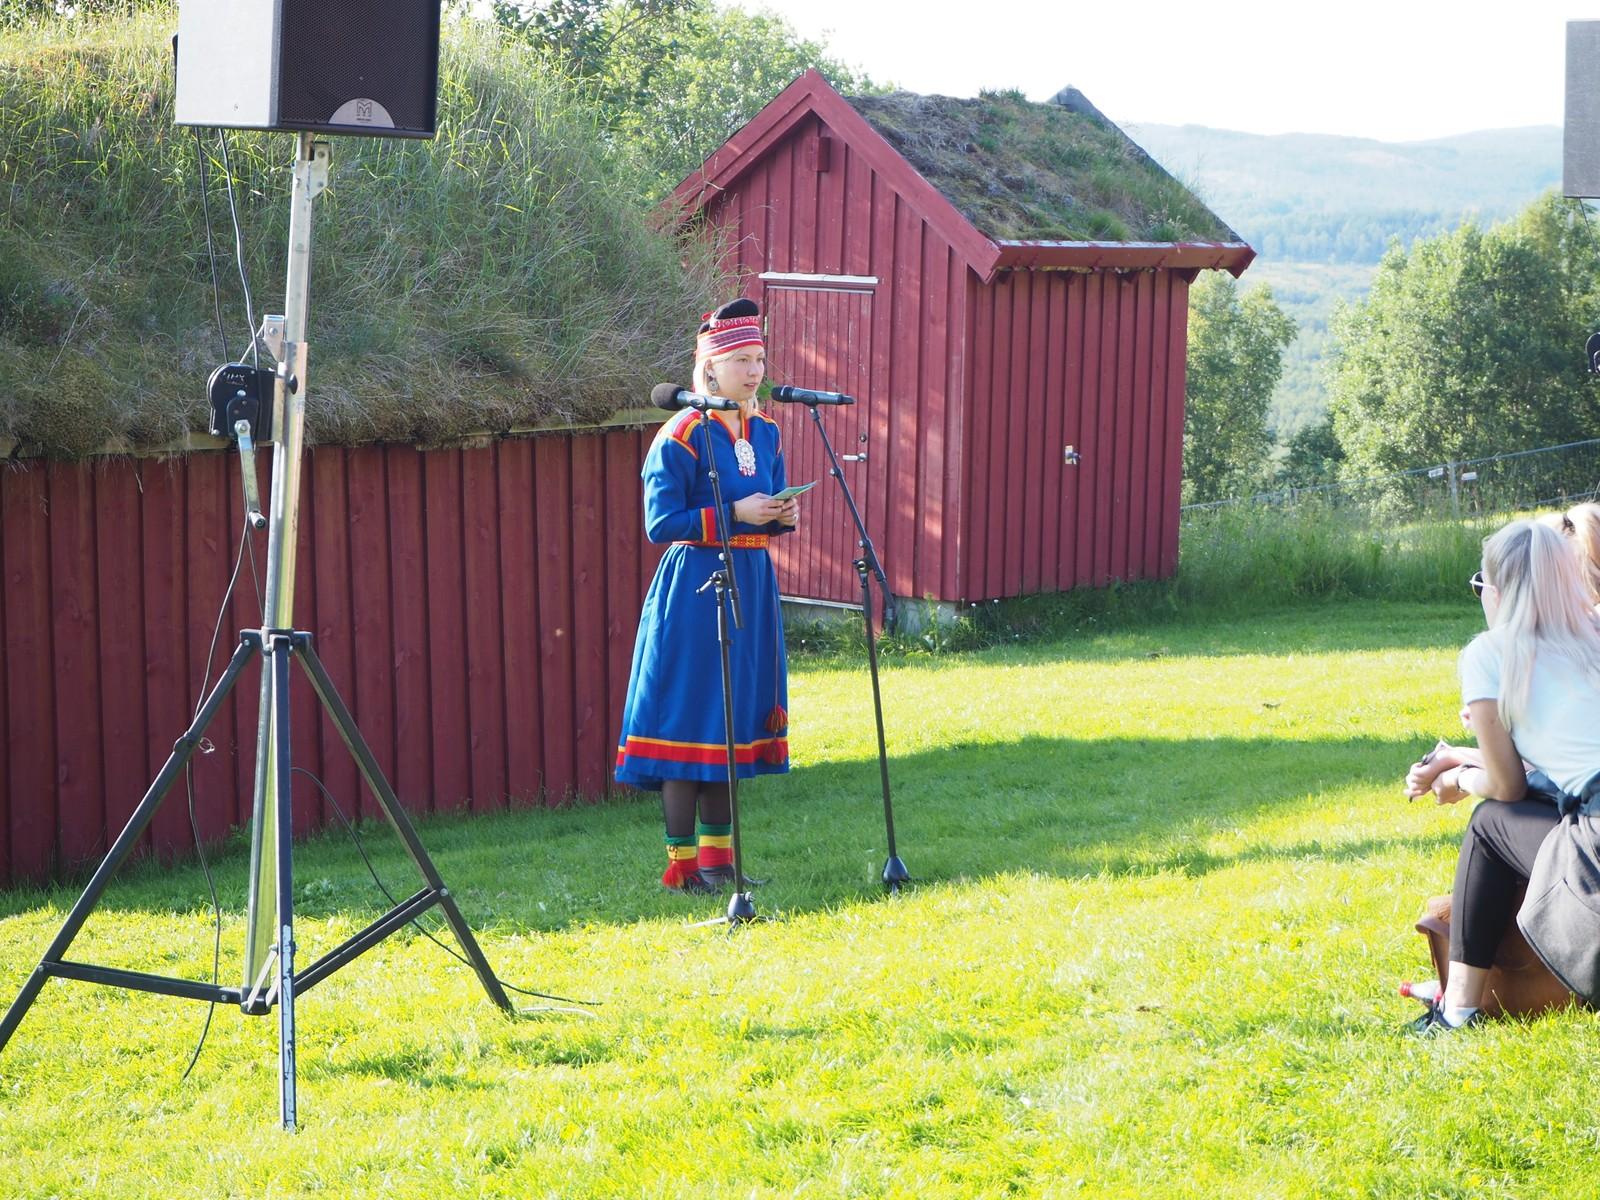 Festivalprodusent Anne Henriette Hætta Reinås åpner festivalen